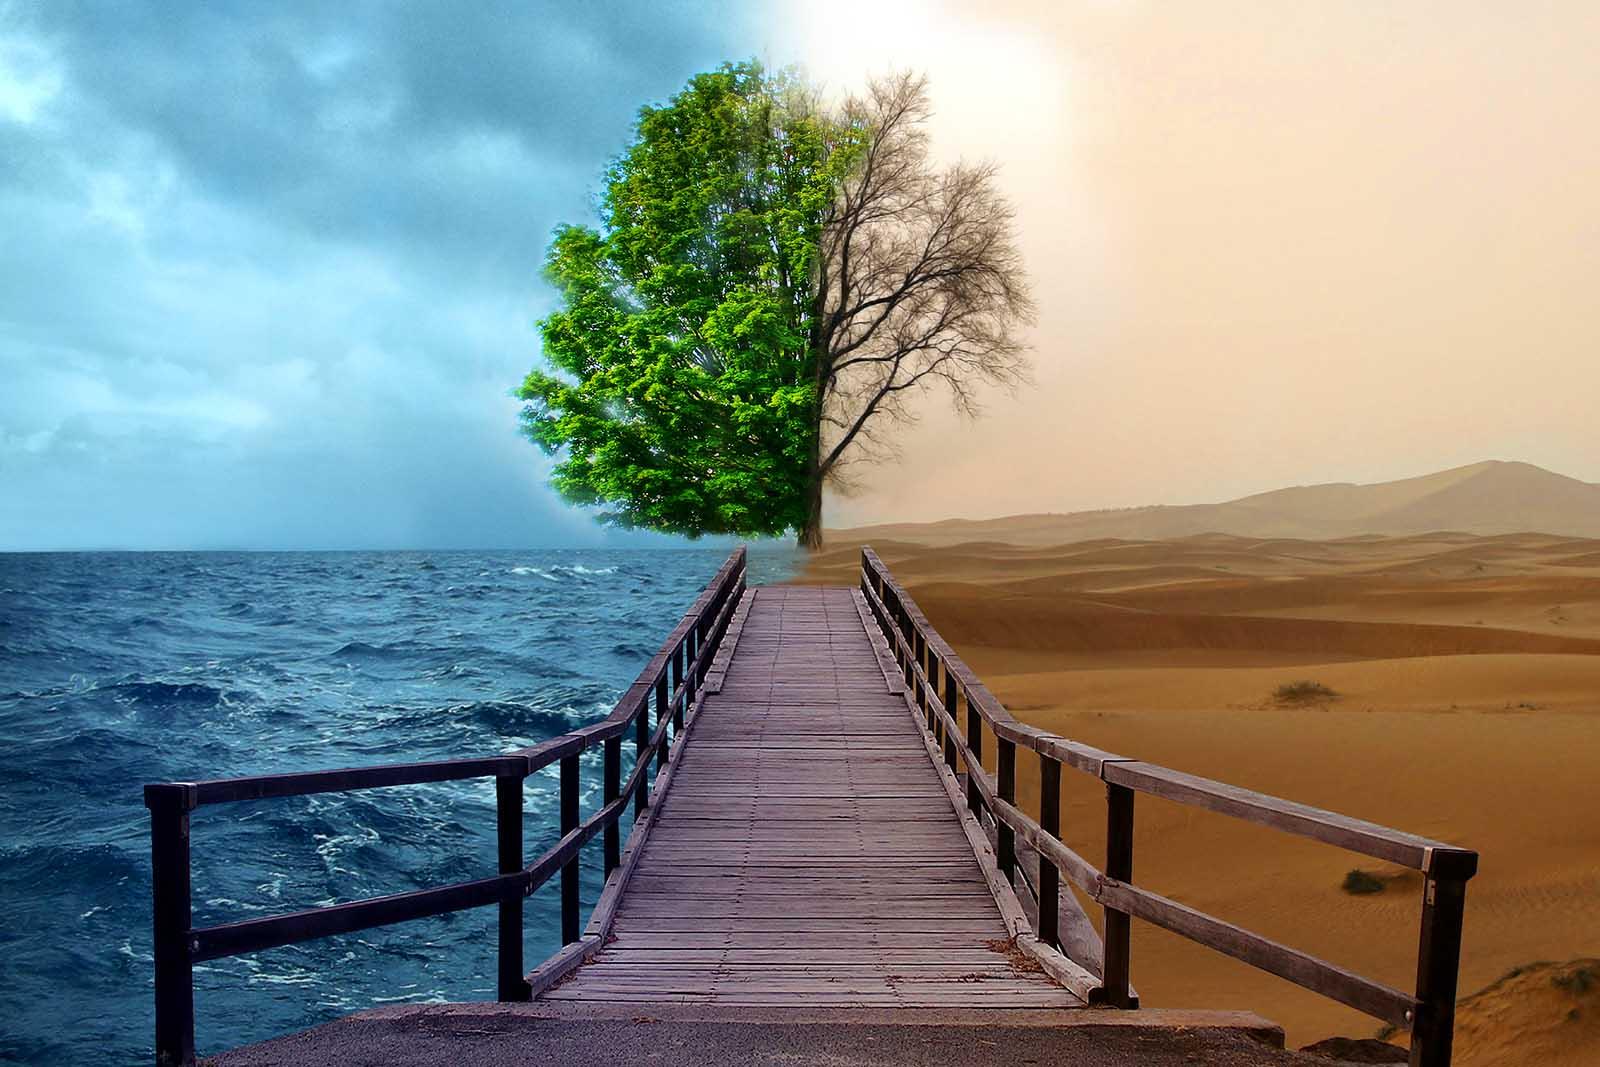 حفظ محیط زیست و تامین بهداشت شهروندان